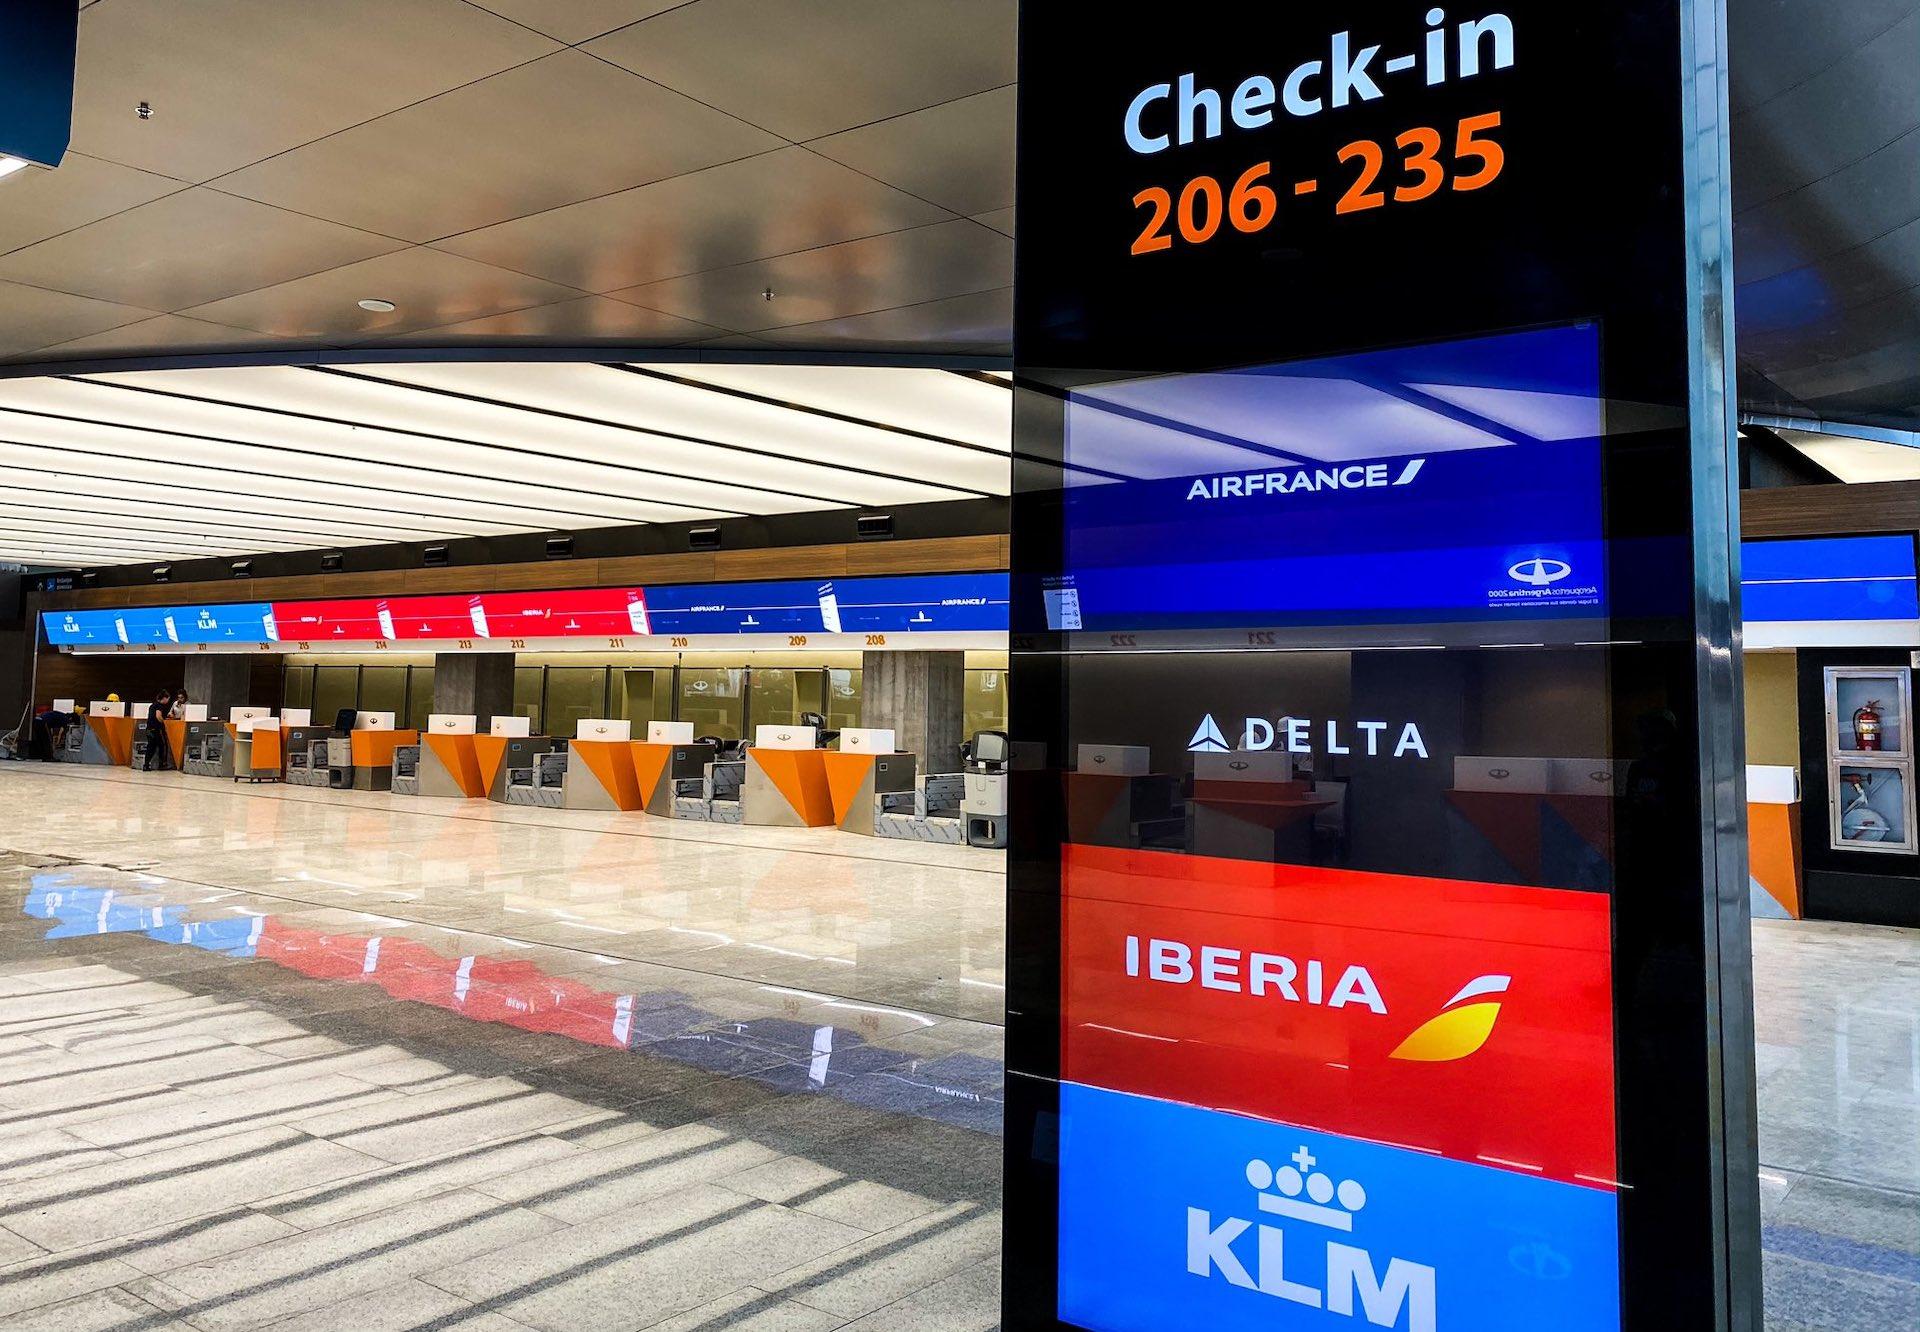 Este año inaugura el Zepellin, la nueva terminal del aeropuerto de Ezeiza